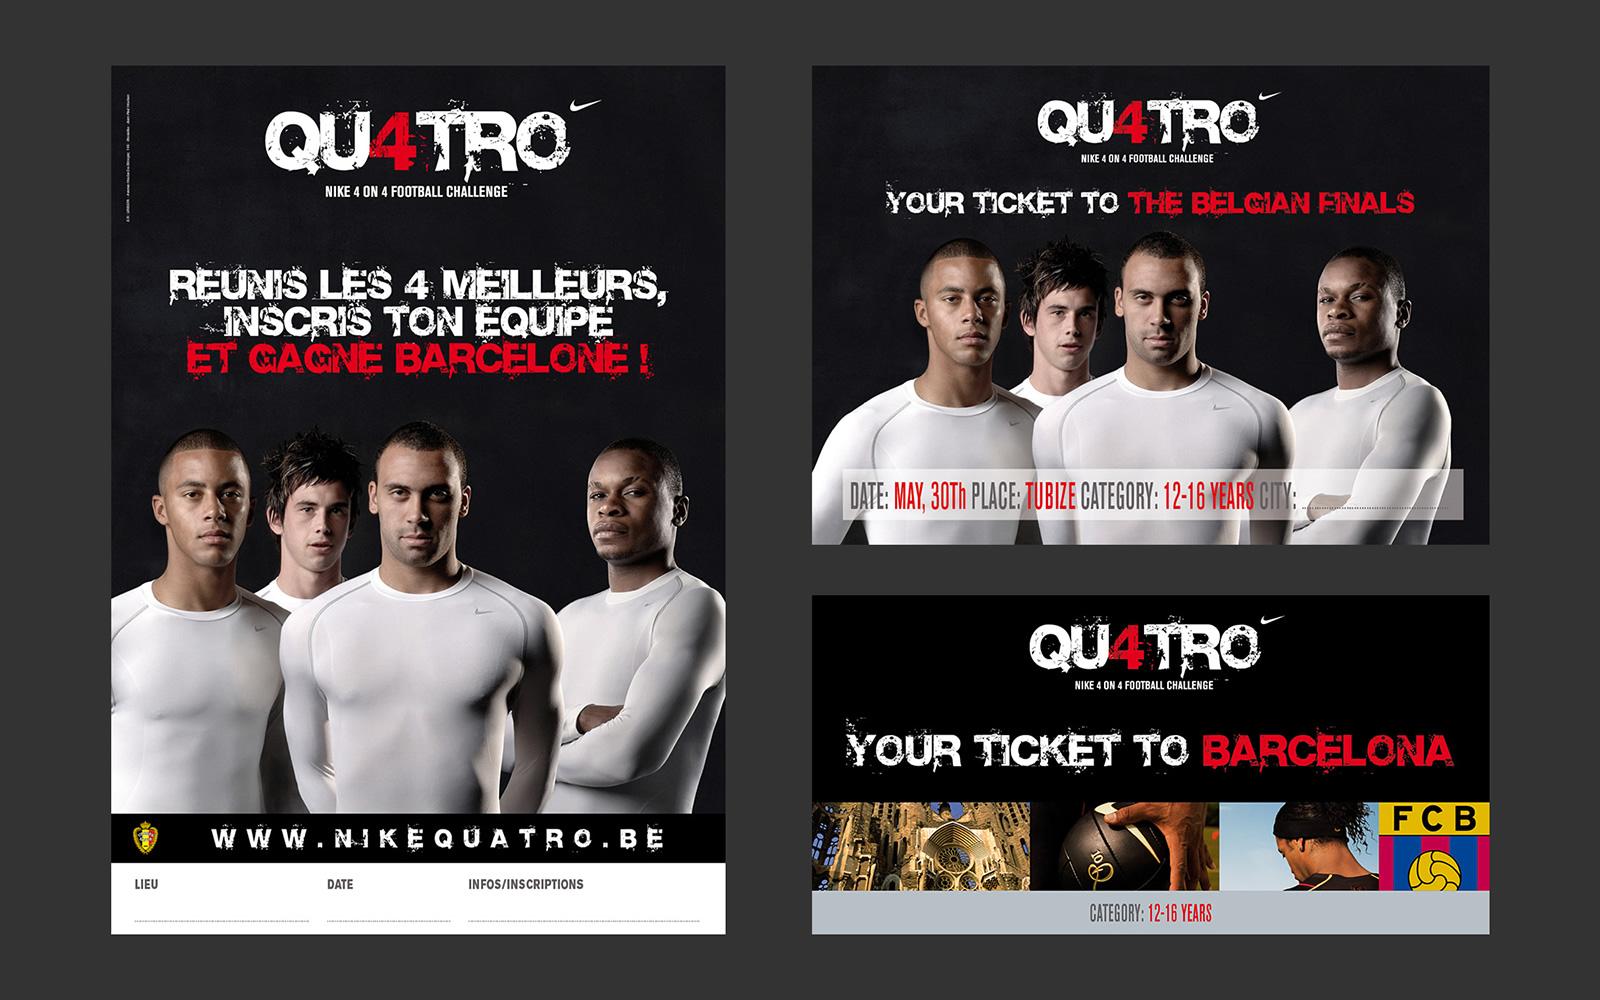 Nike Quatro